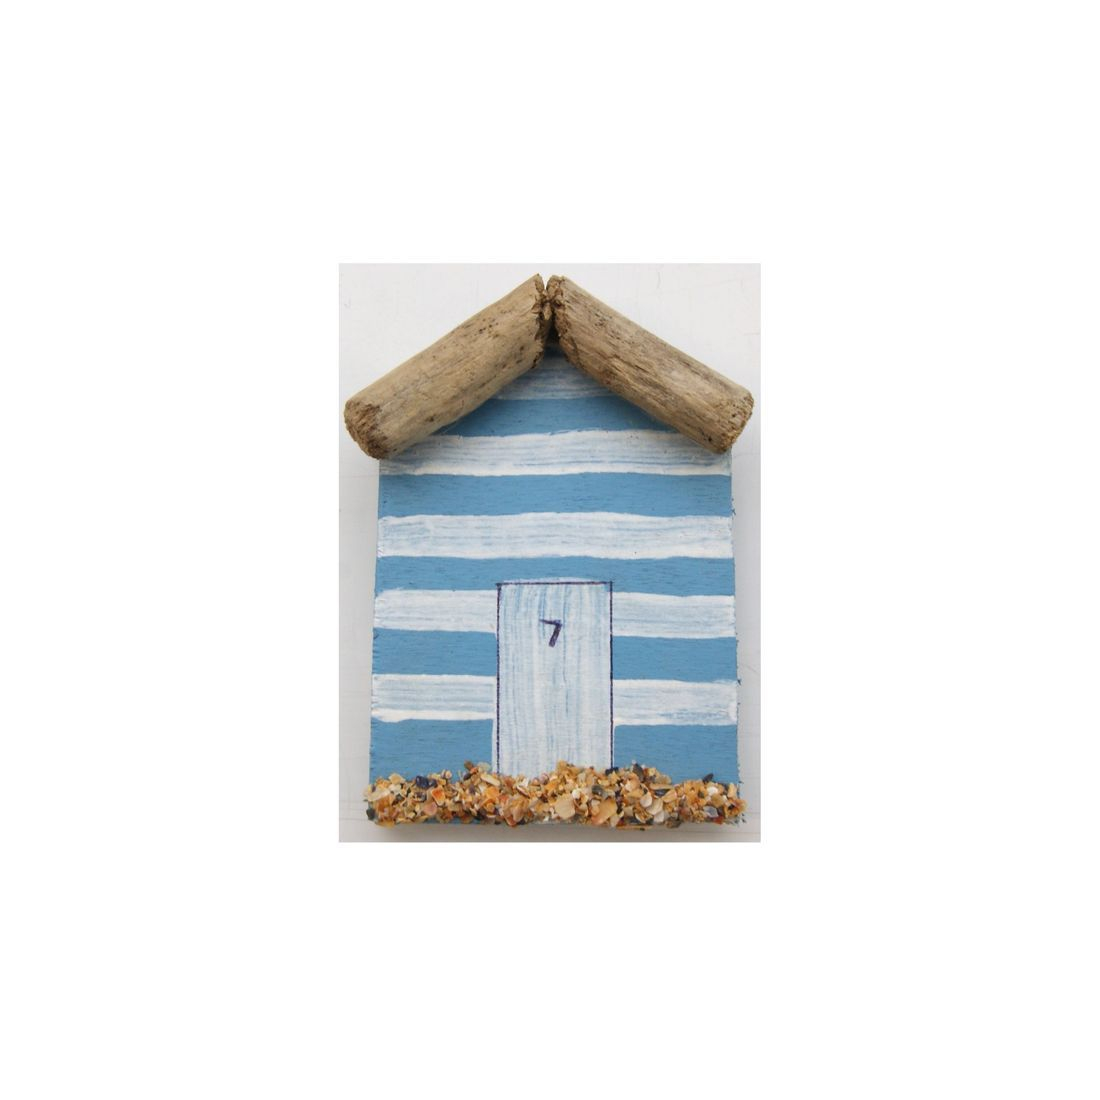 Fridge magnet driftwood beach hut